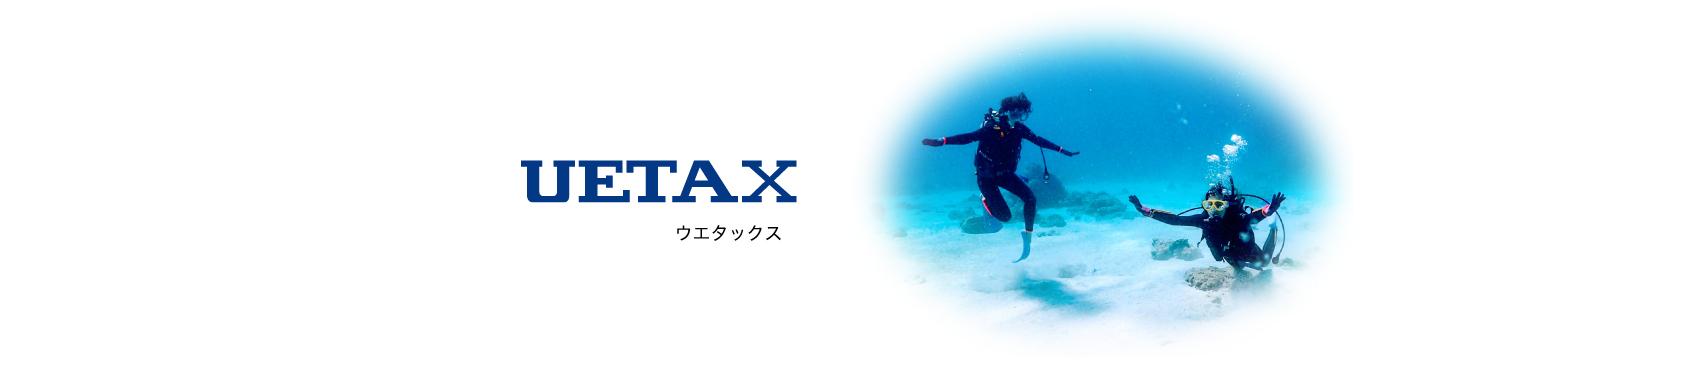 UETAX